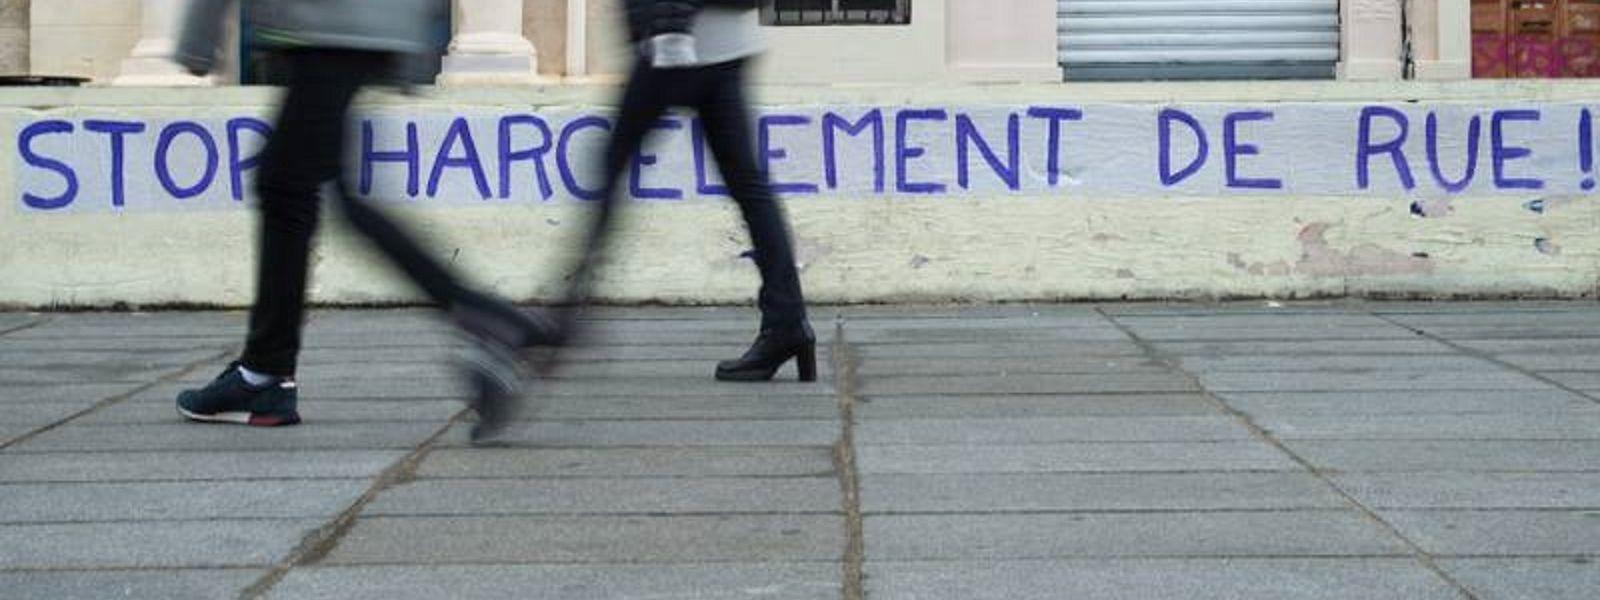 A ce jour, le gouvernement ne dispose d'aucune donnée quantifiant le harcèlement de rue, indique la réponse parlementaire.